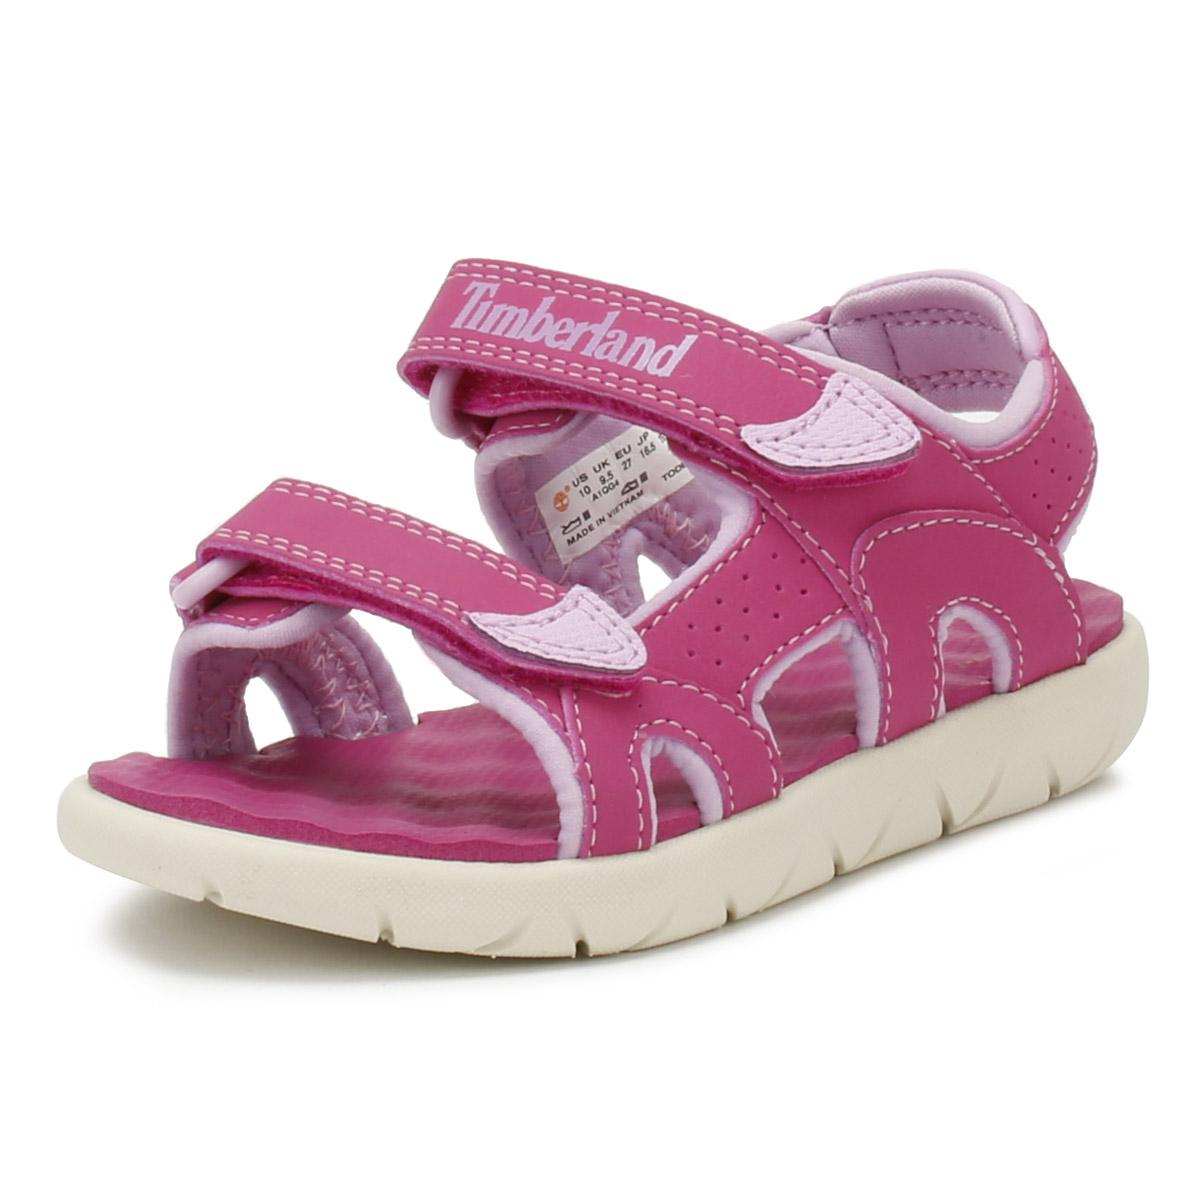 Super baratas estilo exquisito liquidación de venta caliente Timberland Toddlers Sandals Pink Perkins Row 2-Strap Kids Summer ...